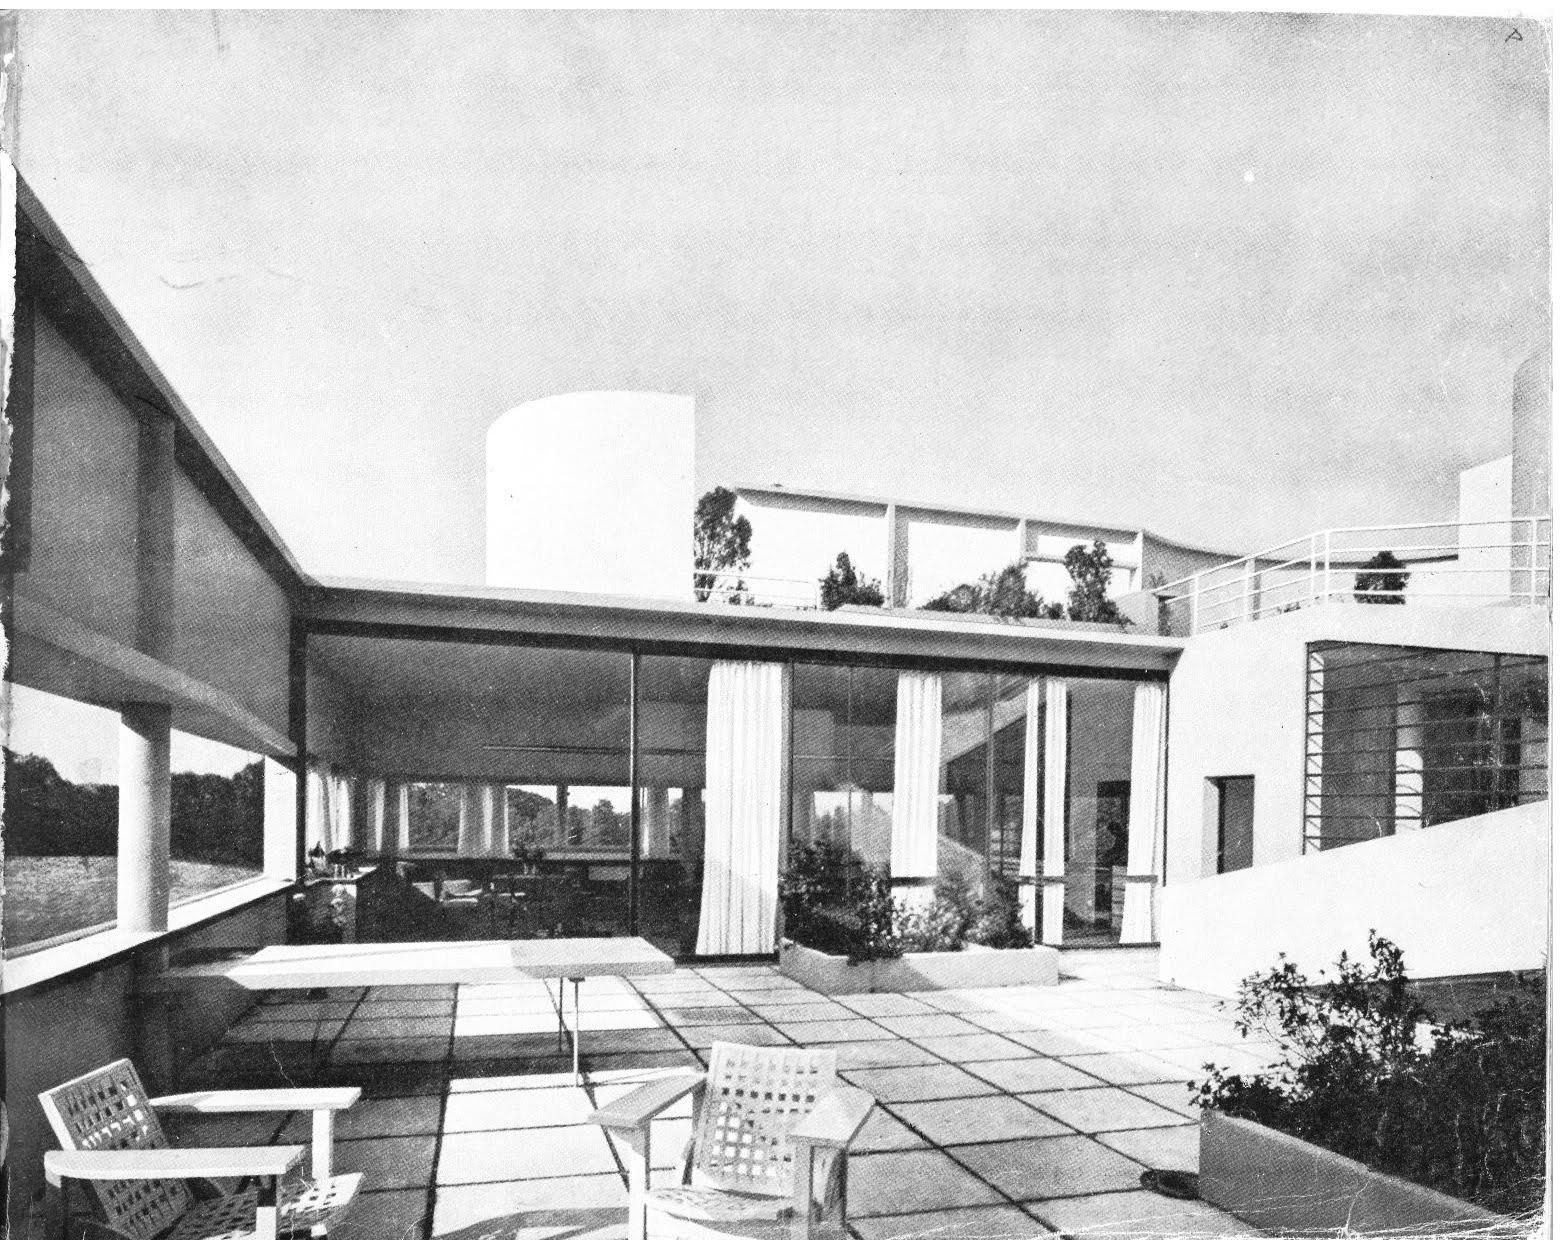 Cavica proyectos de arquitectura maison savoye 1928 30 - Casas de le corbusier ...